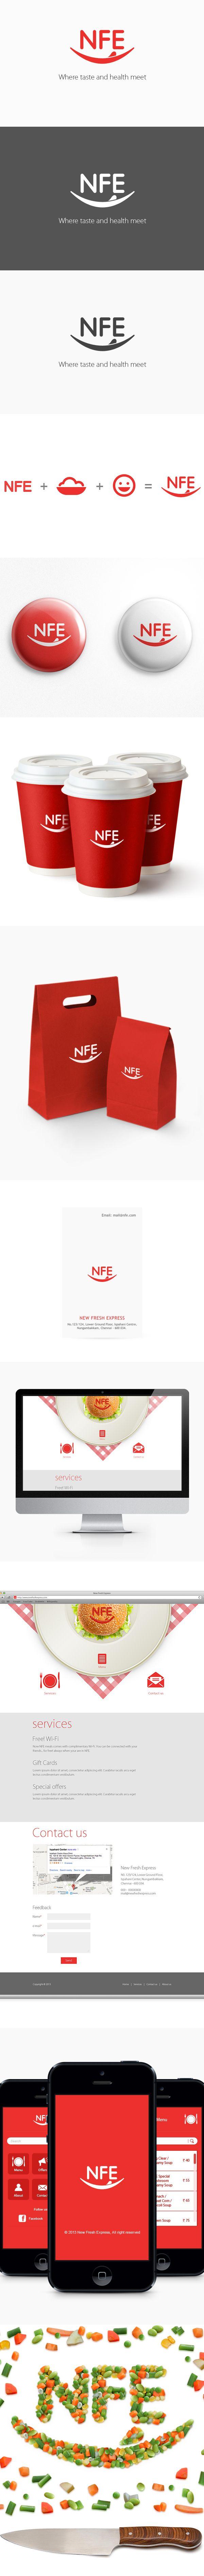 New Fresh Express by Mani Bharathi, via Behance